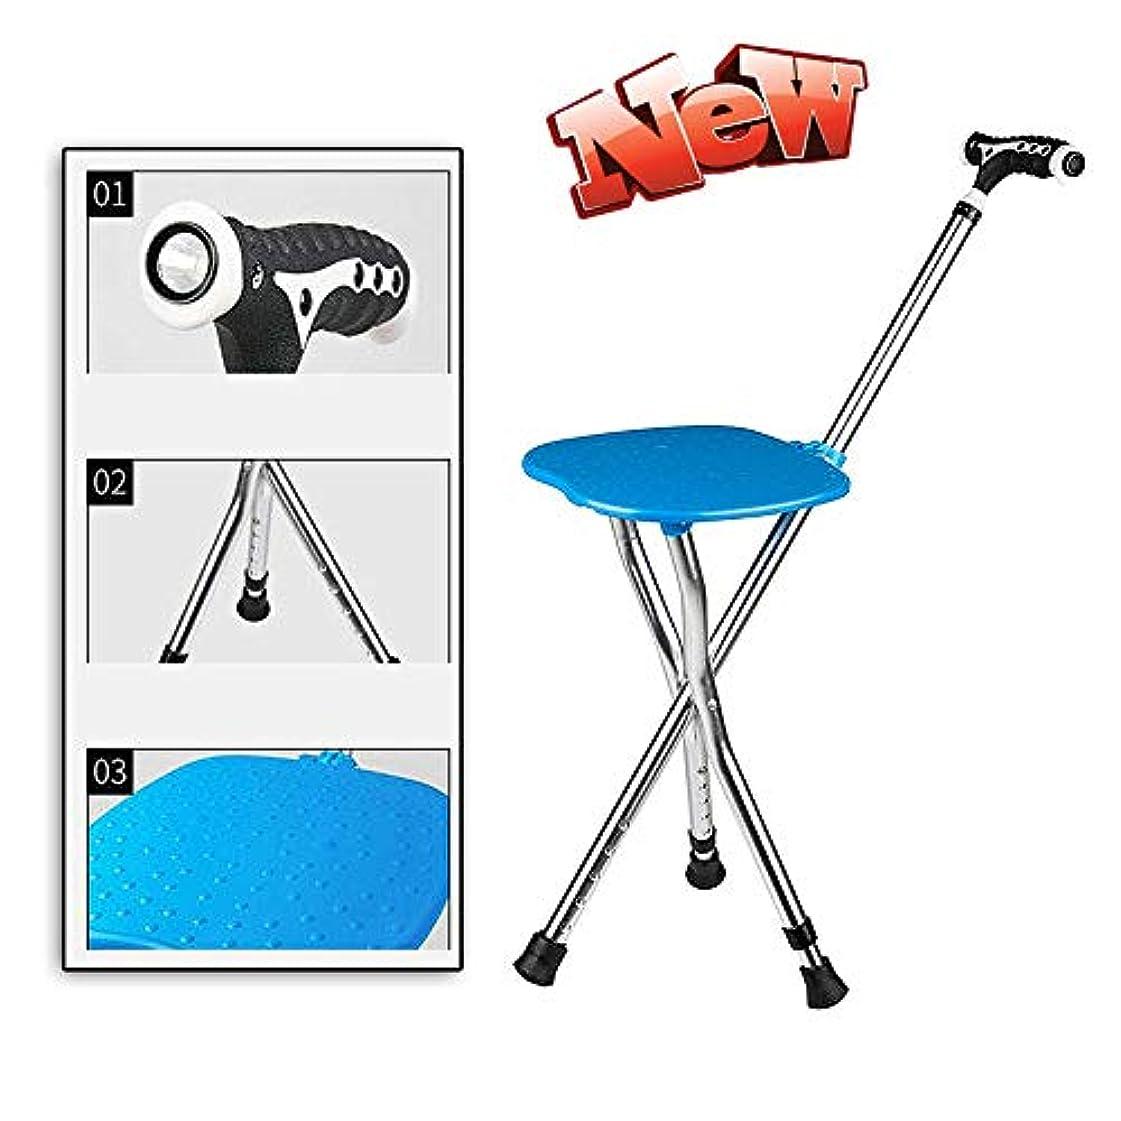 番号血統コックポータブル高齢者の松葉杖スツール、2 in 1多機能ウォーキングレストスツール、軽量+照明付き+高さ調節可能医療補助折りたたみシート杖